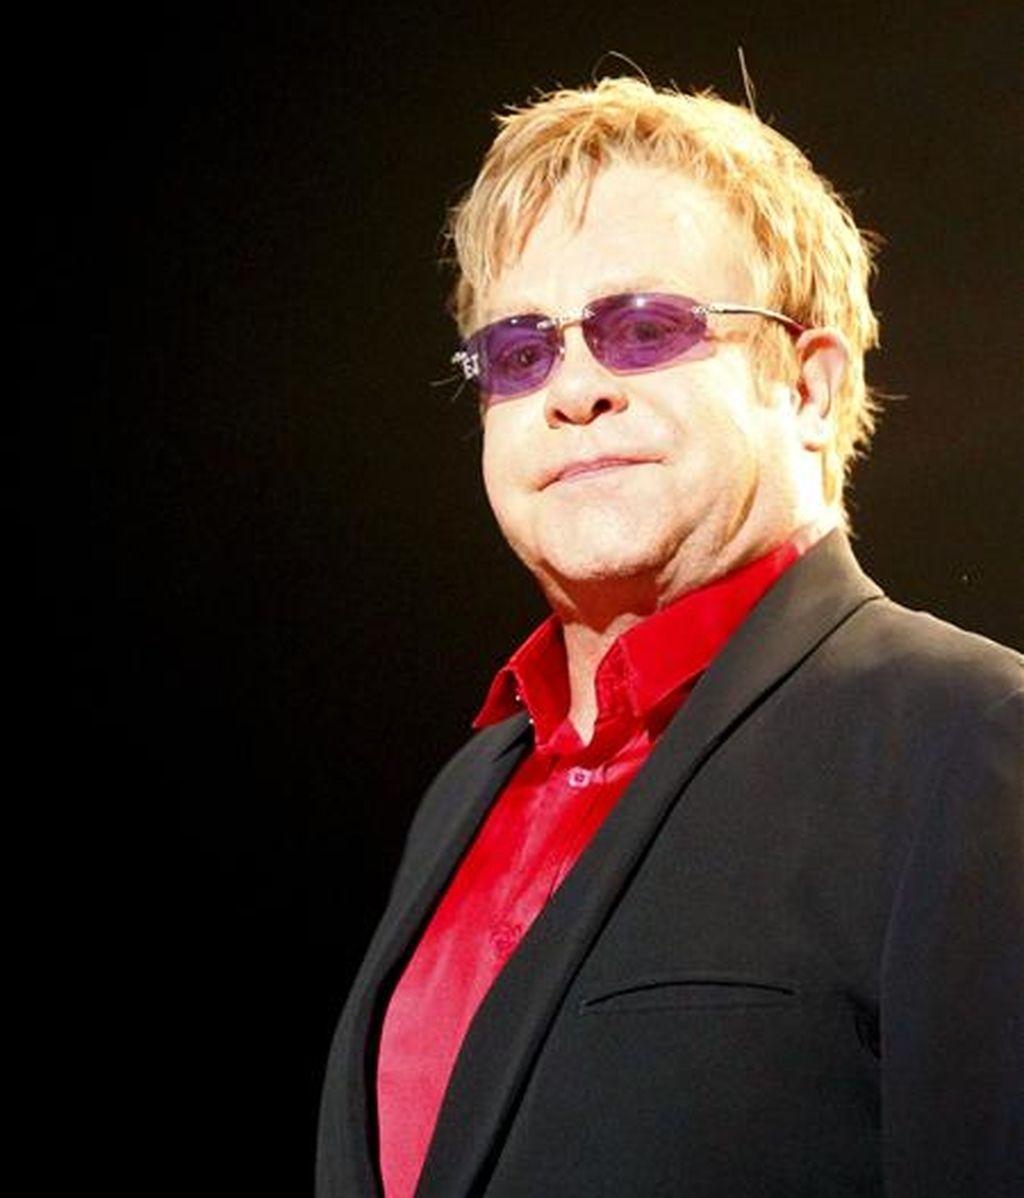 El cantante británico Elton John durante el único concierto de su gira mundial ofrecido en España, en el que está acompañado por el percusionista Ray Cooper, con quien repasa los éxitos de su larga carrera, esta noche en el Palacio de los Deportes de Madrid. EFE